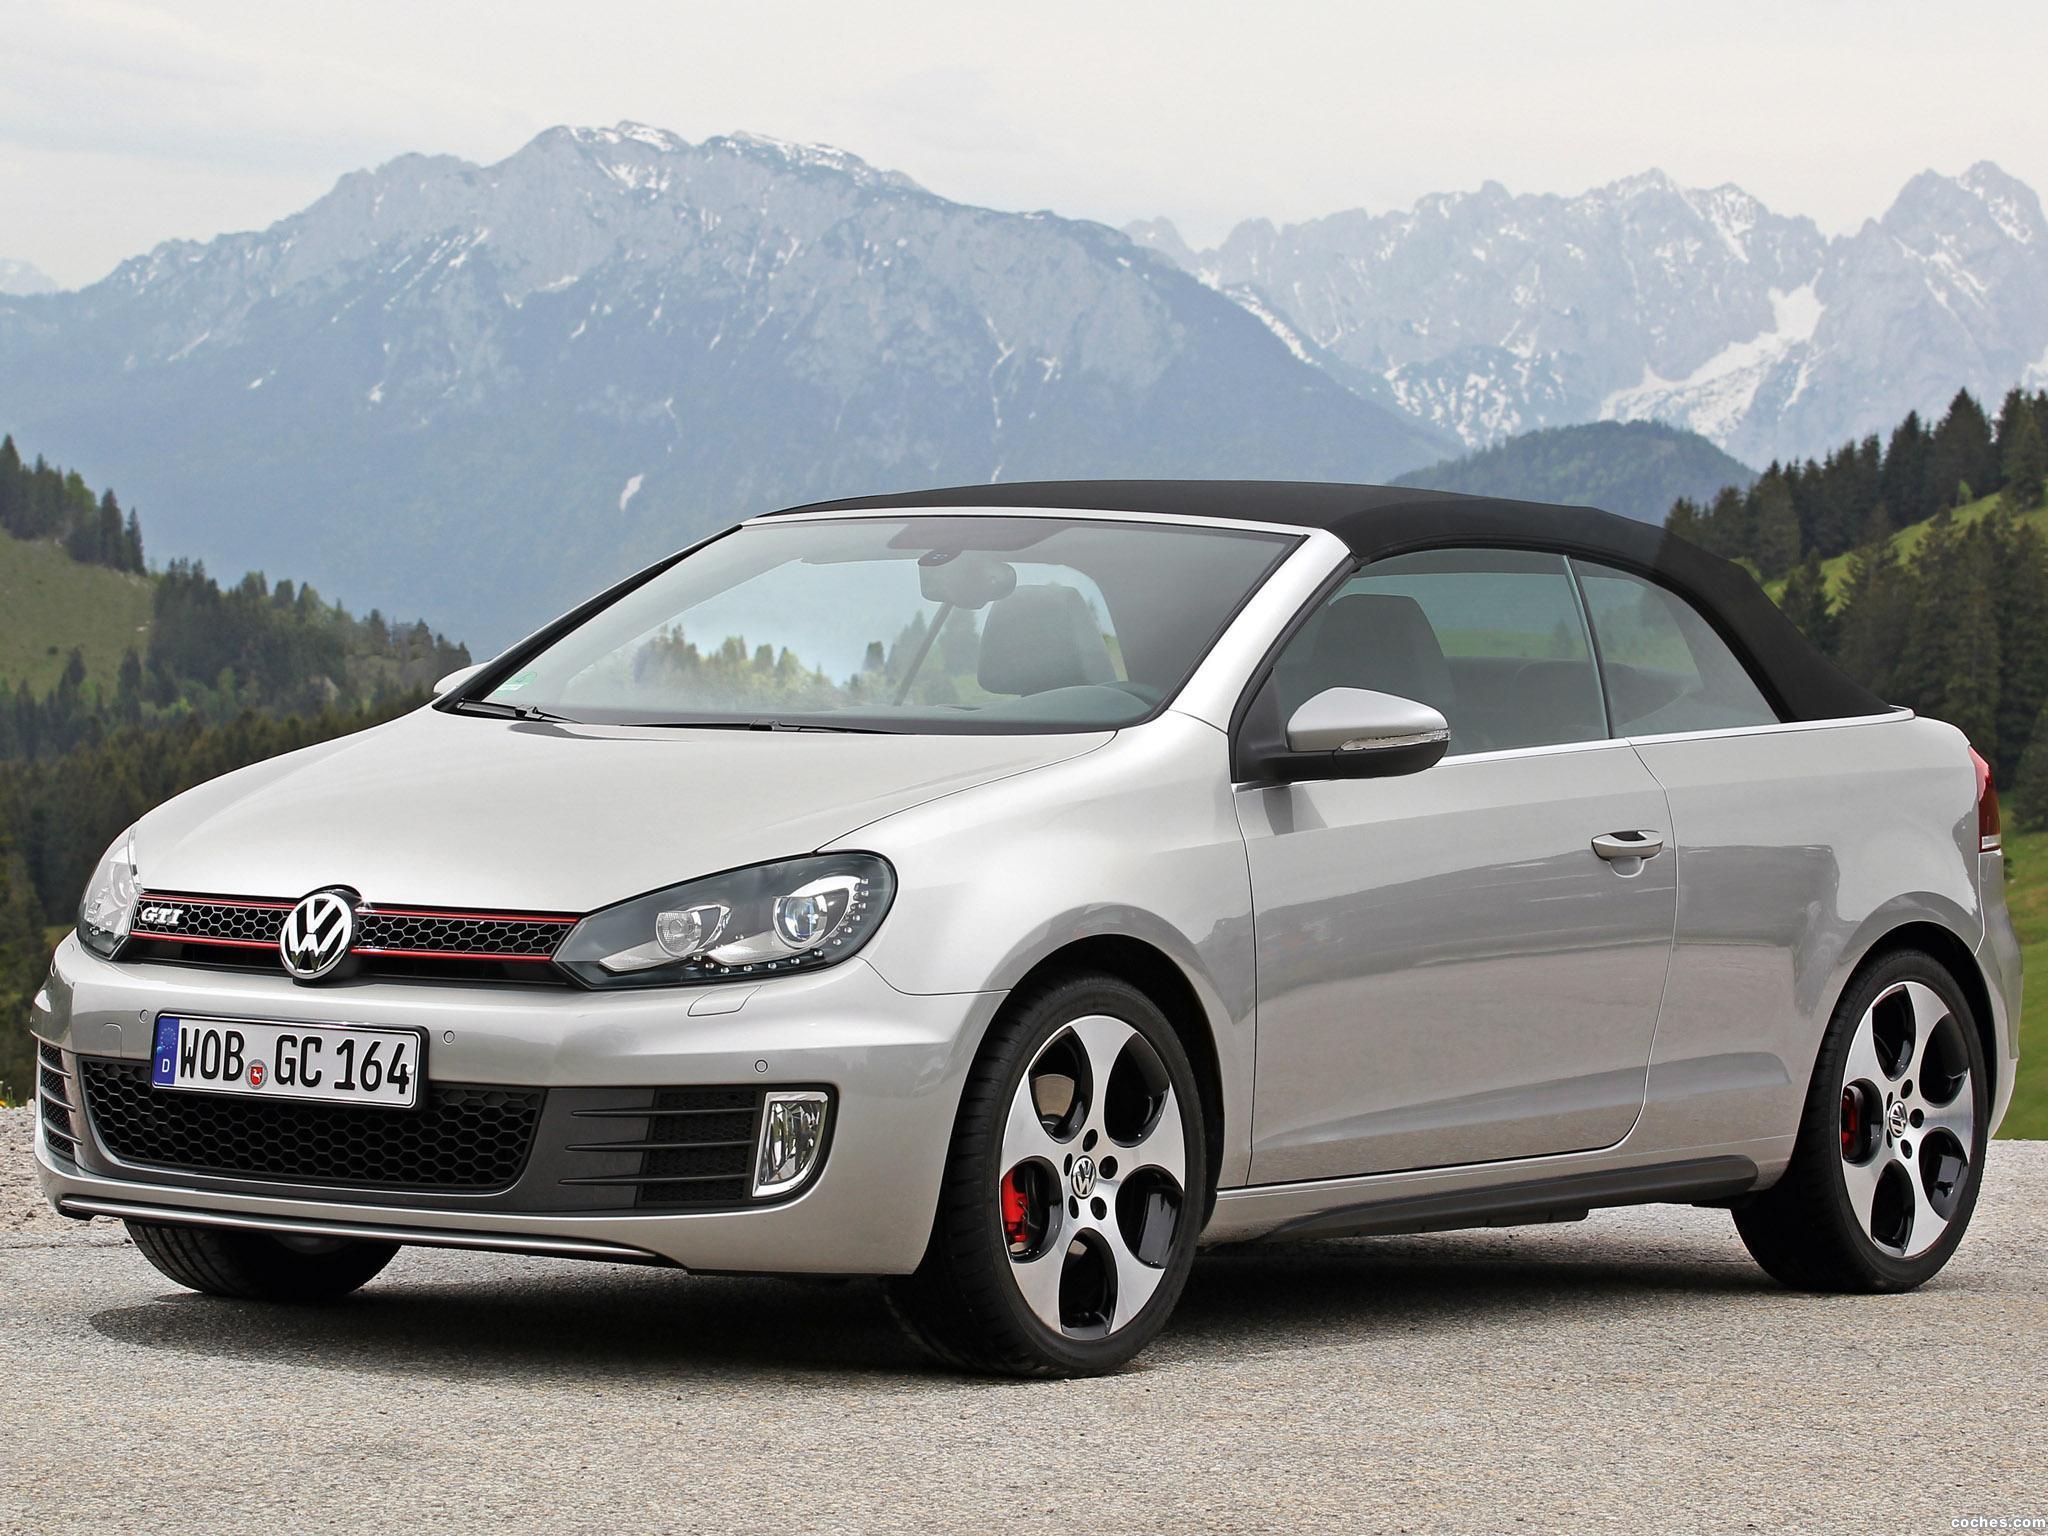 Foto 13 de Volkswagen Golf VI GTI Cabriolet 2012